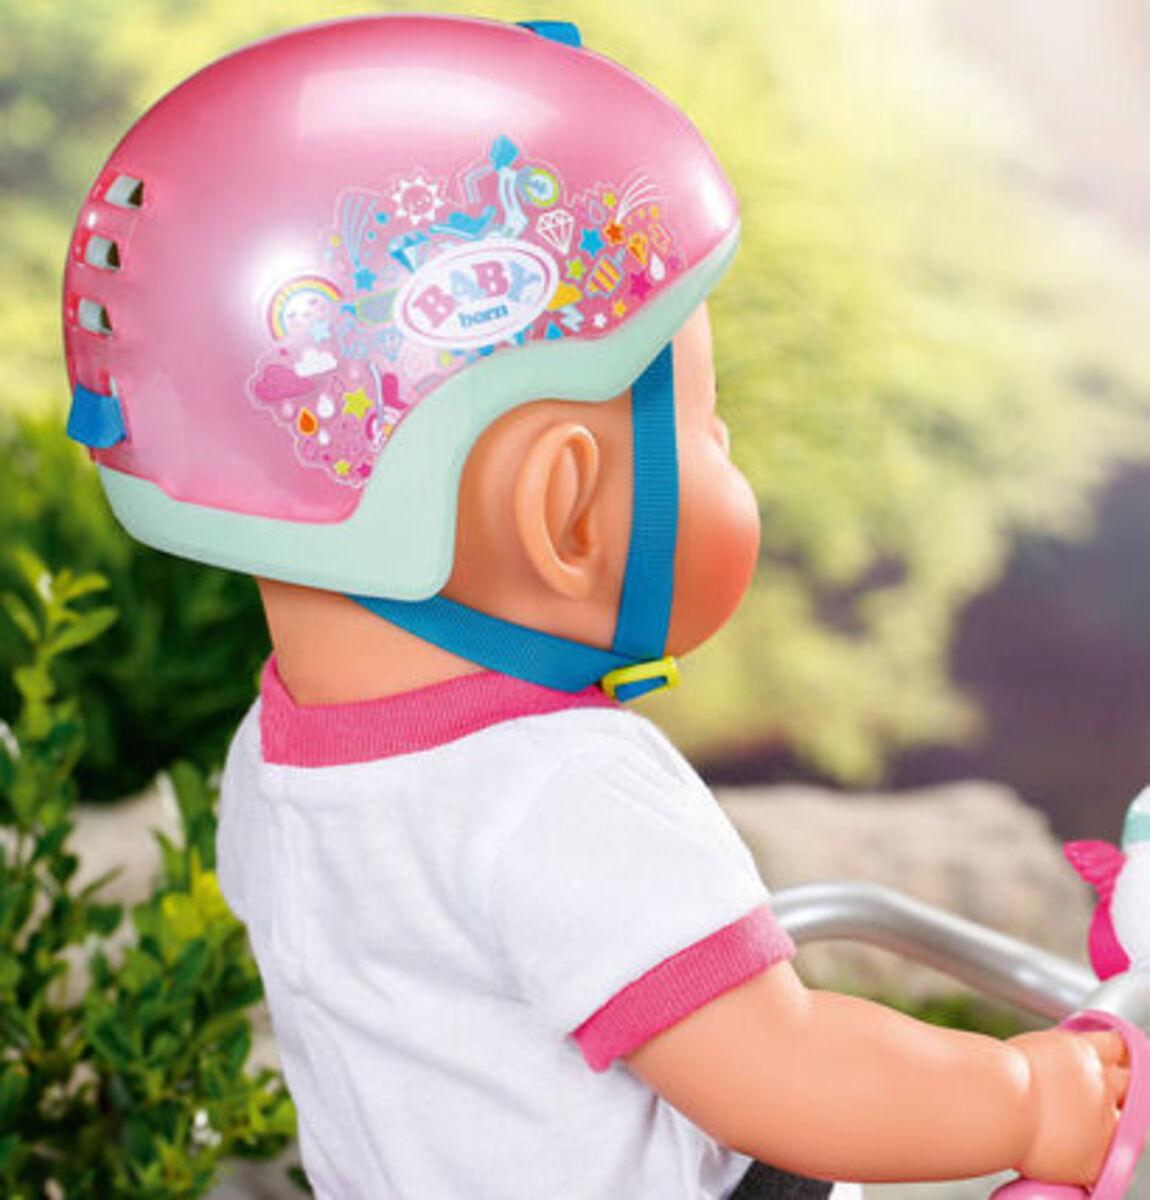 Bild 4 von Zapf Creation® BABY born® Play&Fun Fahrradhelm